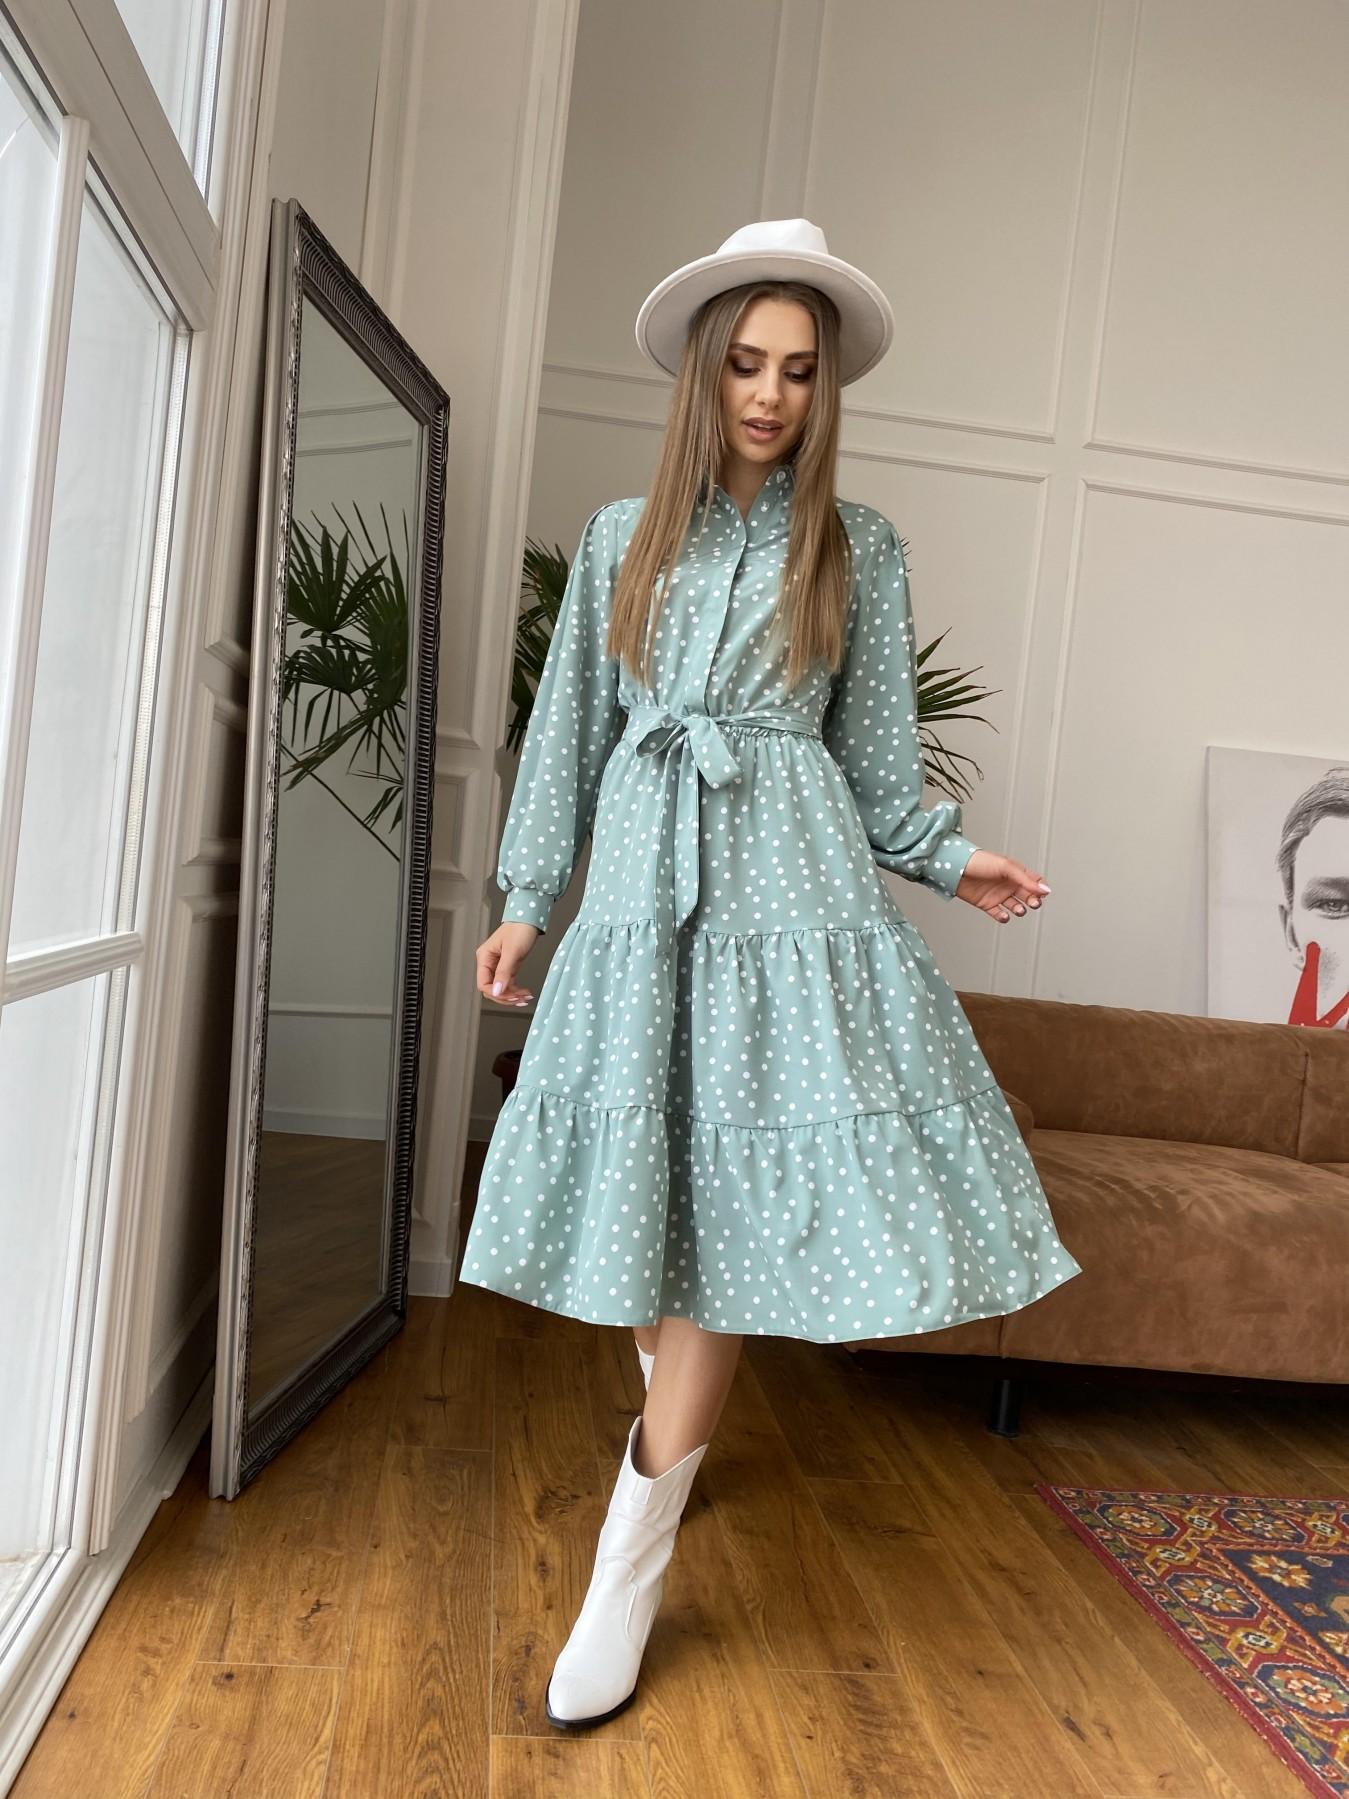 Лилия платье из софта с принтом 11108 АРТ. 47591 Цвет: МятаТем/БелыйГорохКом - фото 2, интернет магазин tm-modus.ru